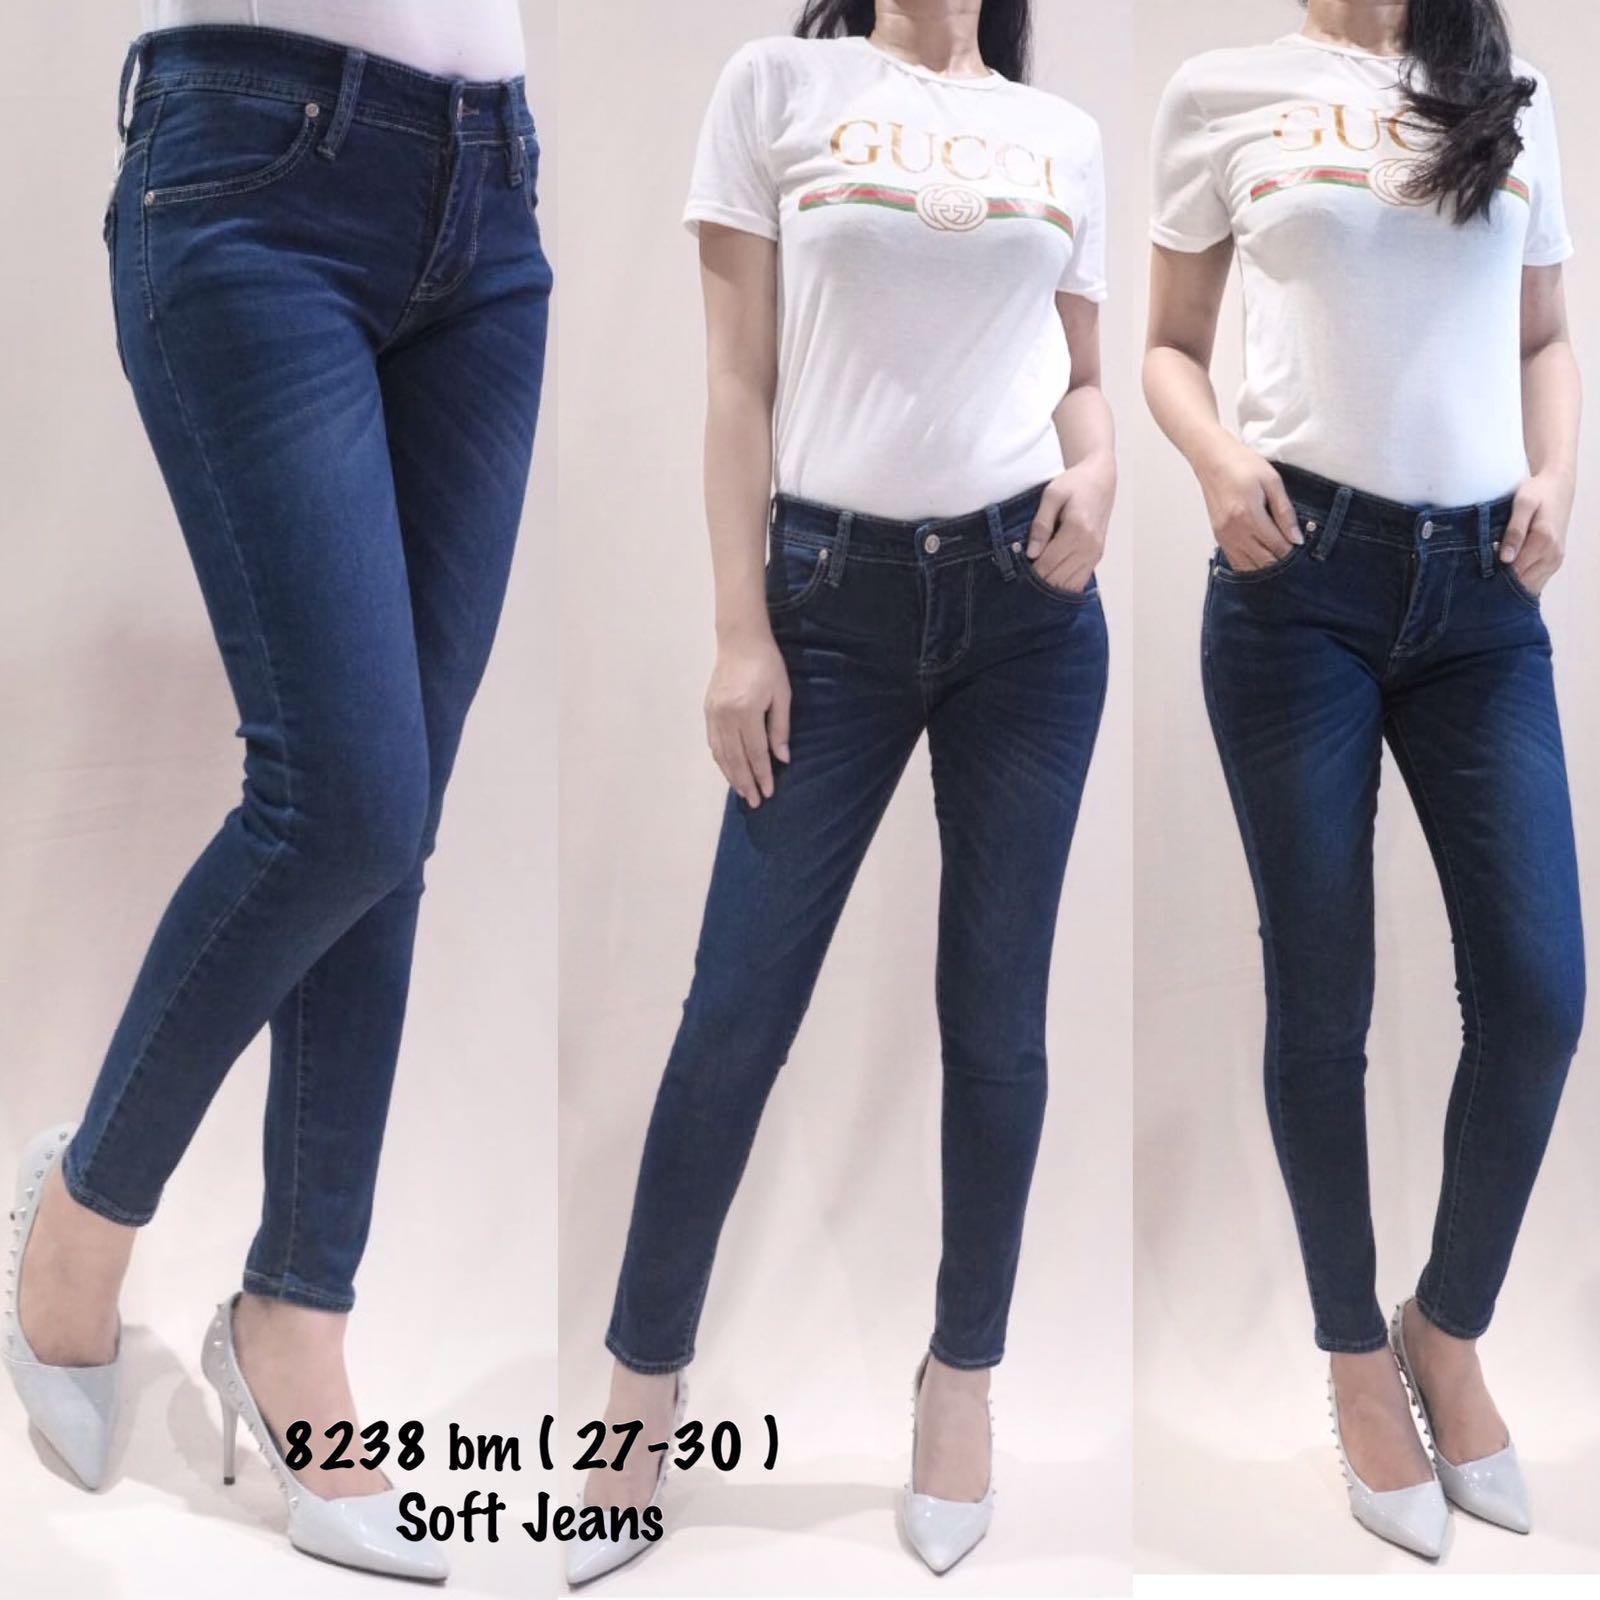 Jual Usb Otg Type C Hp Satoo Ozy Jeans Panjang Wanita Wosing 8238 Bm Softjeans